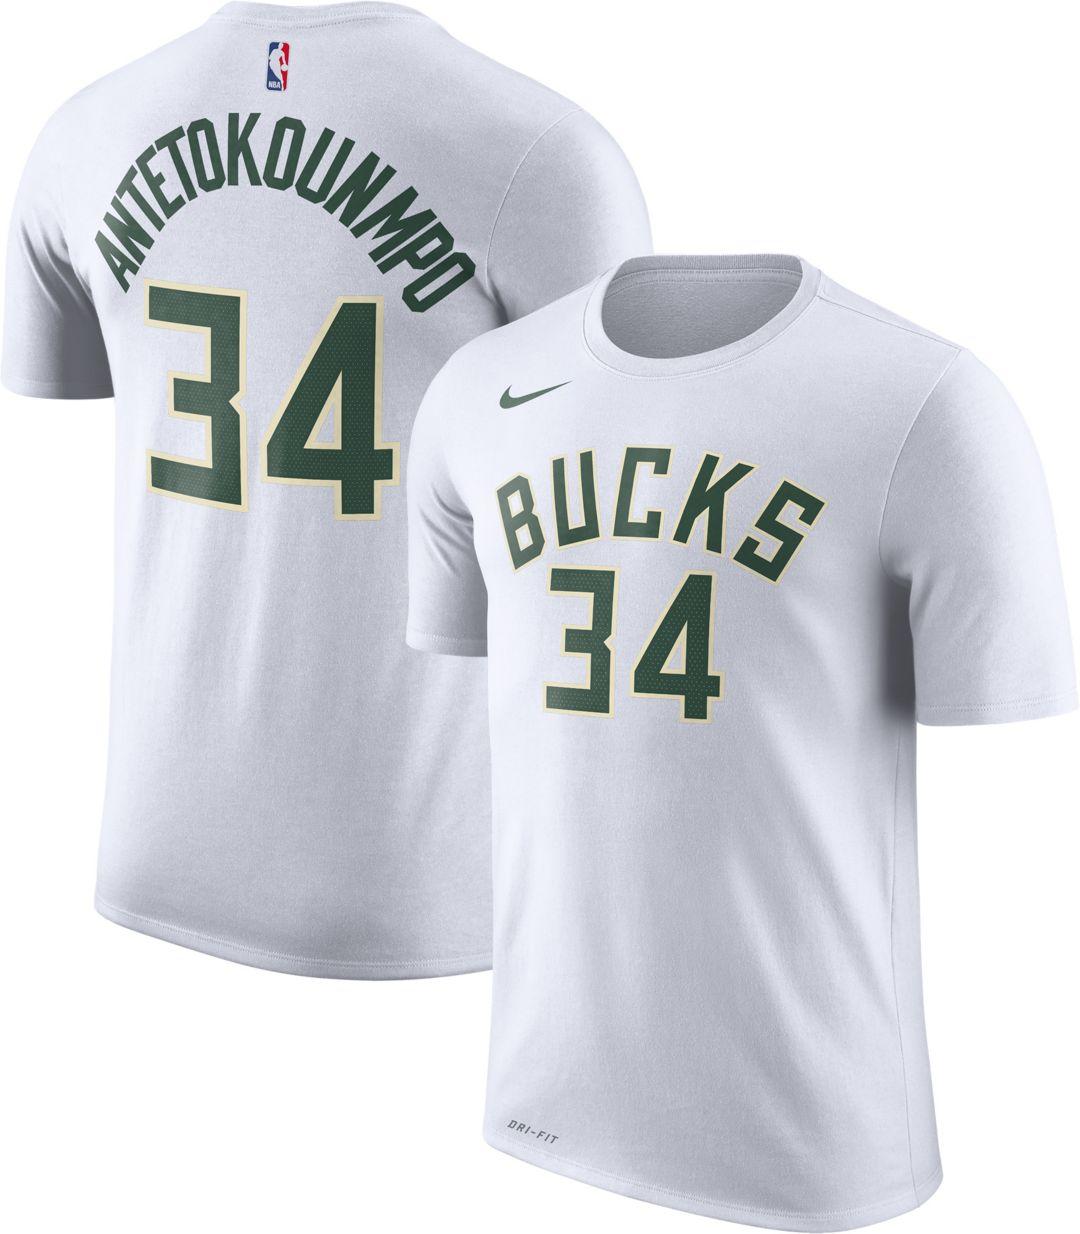 quality design b0431 91bd6 Nike Youth Milwaukee Bucks Giannis Antetokounmpo #34 Dri-FIT White T-Shirt